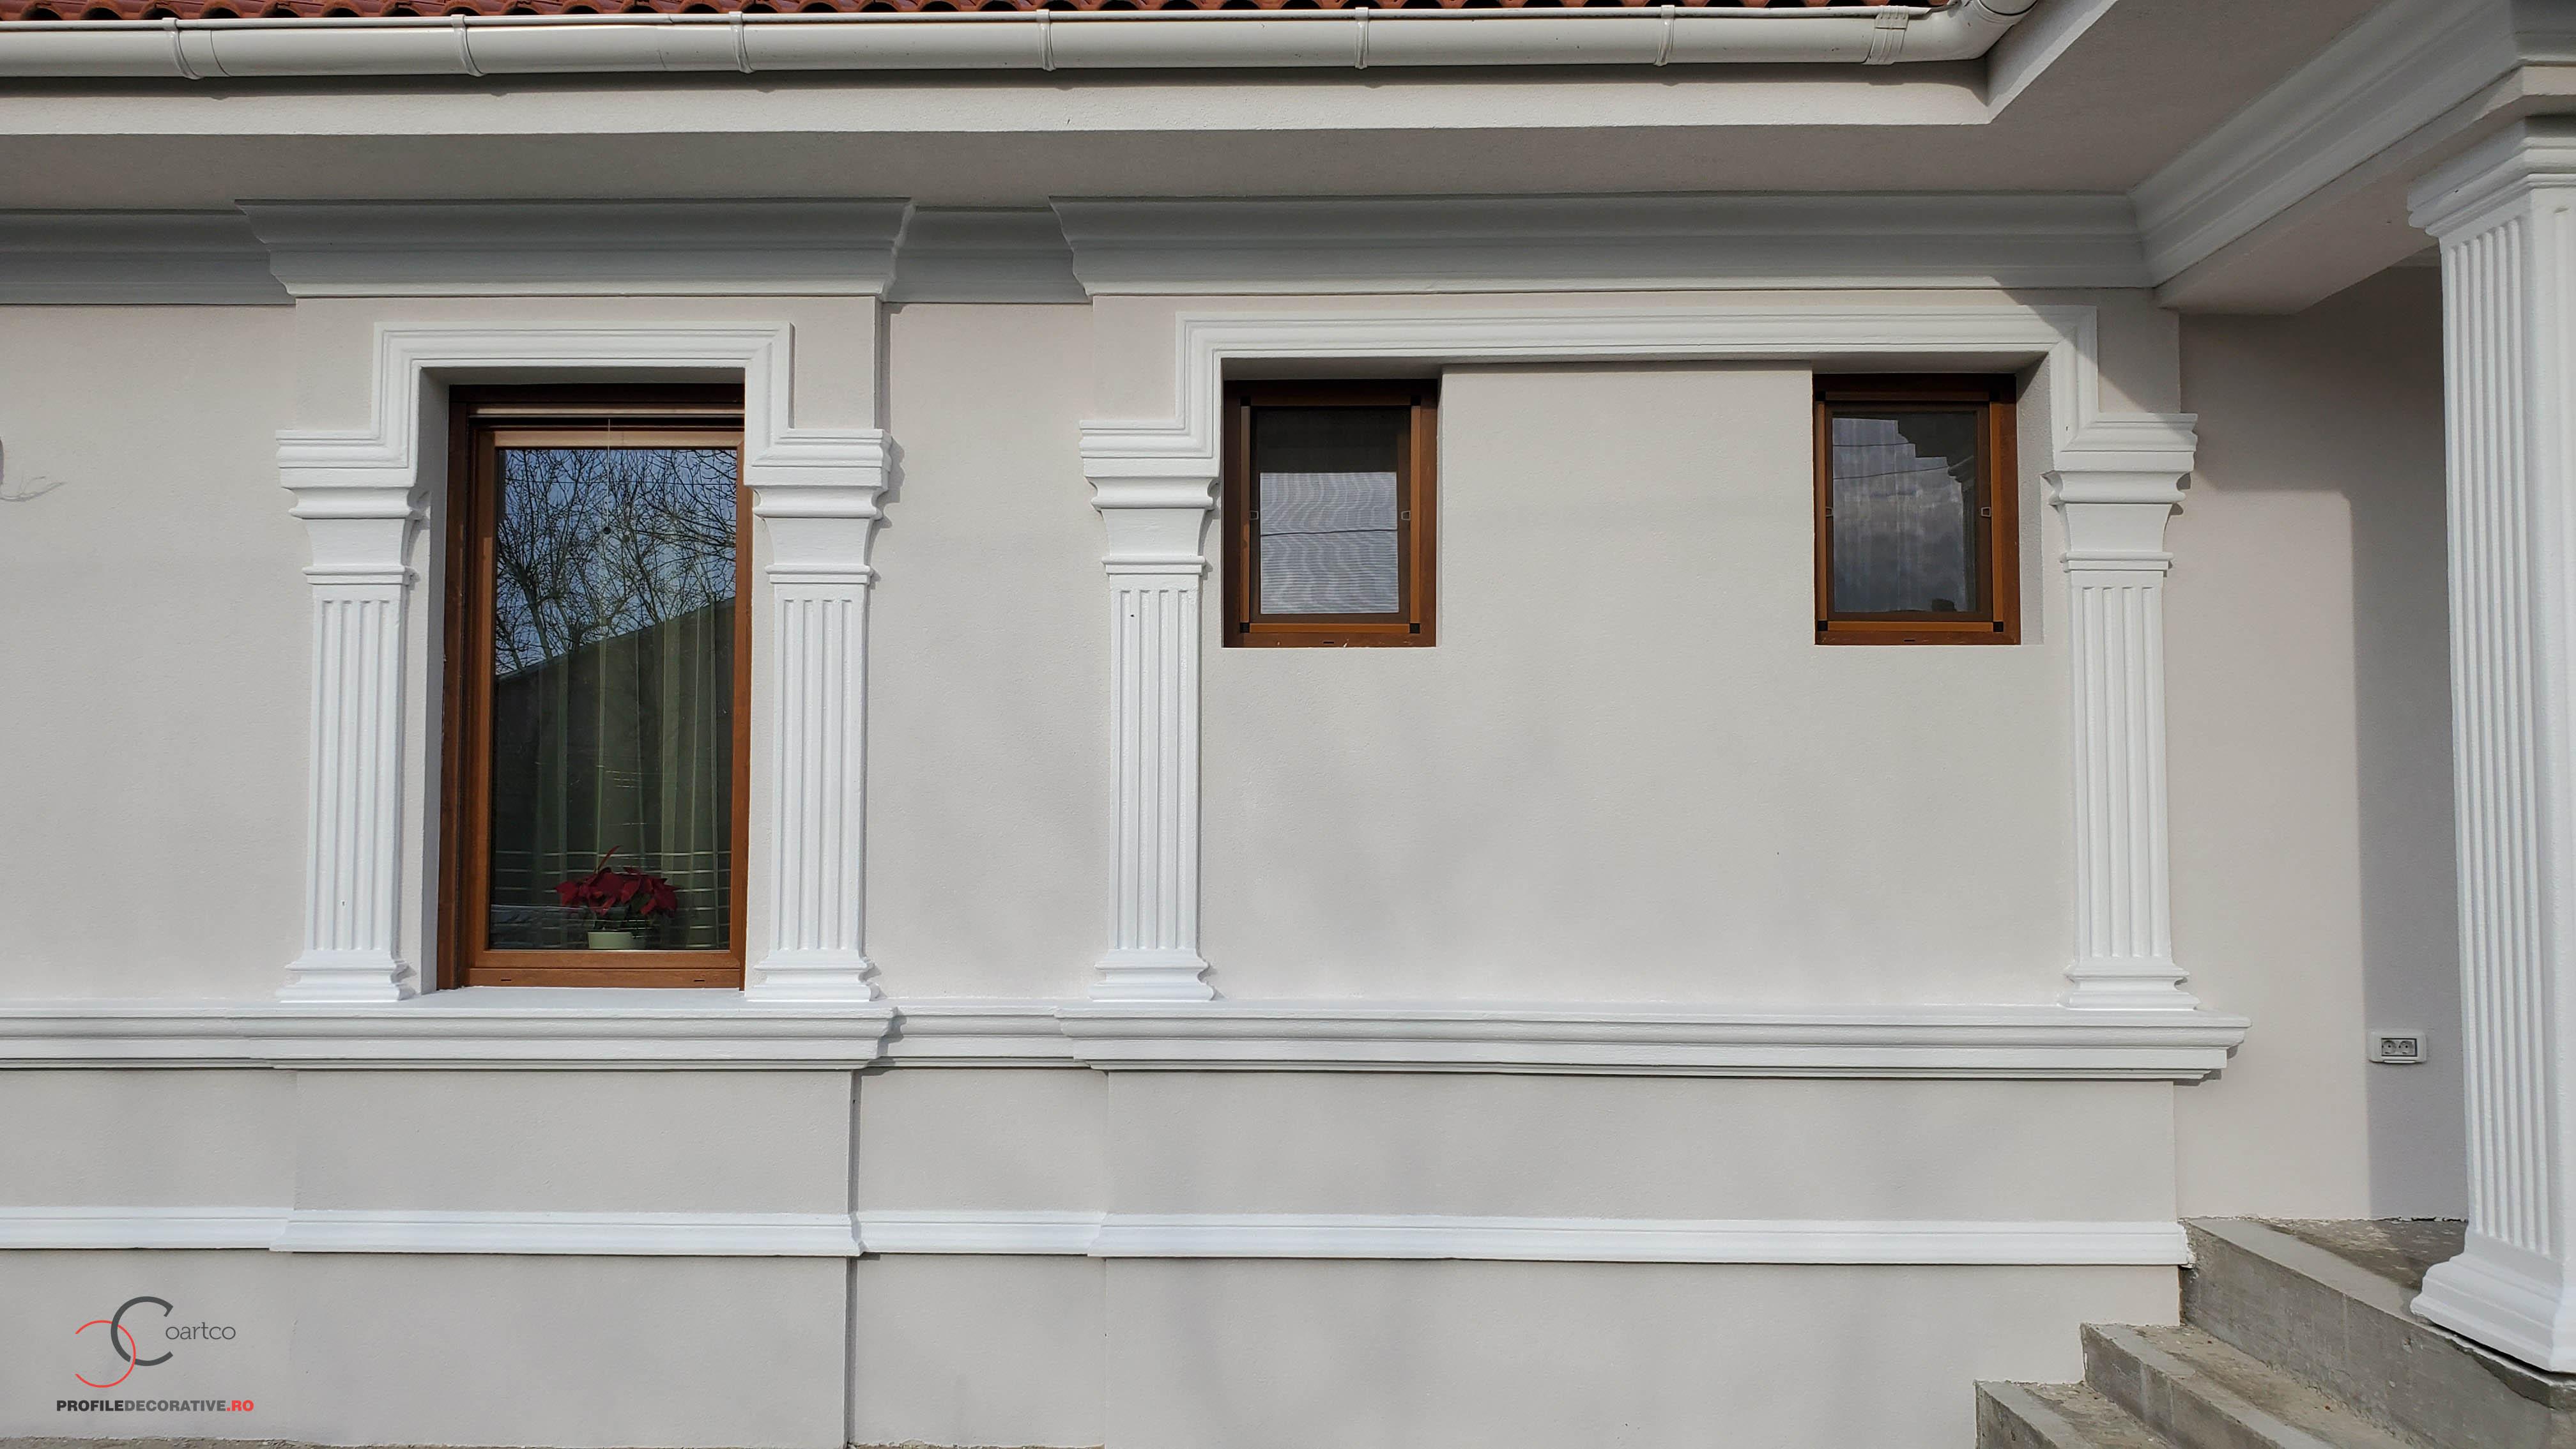 design fatada casa